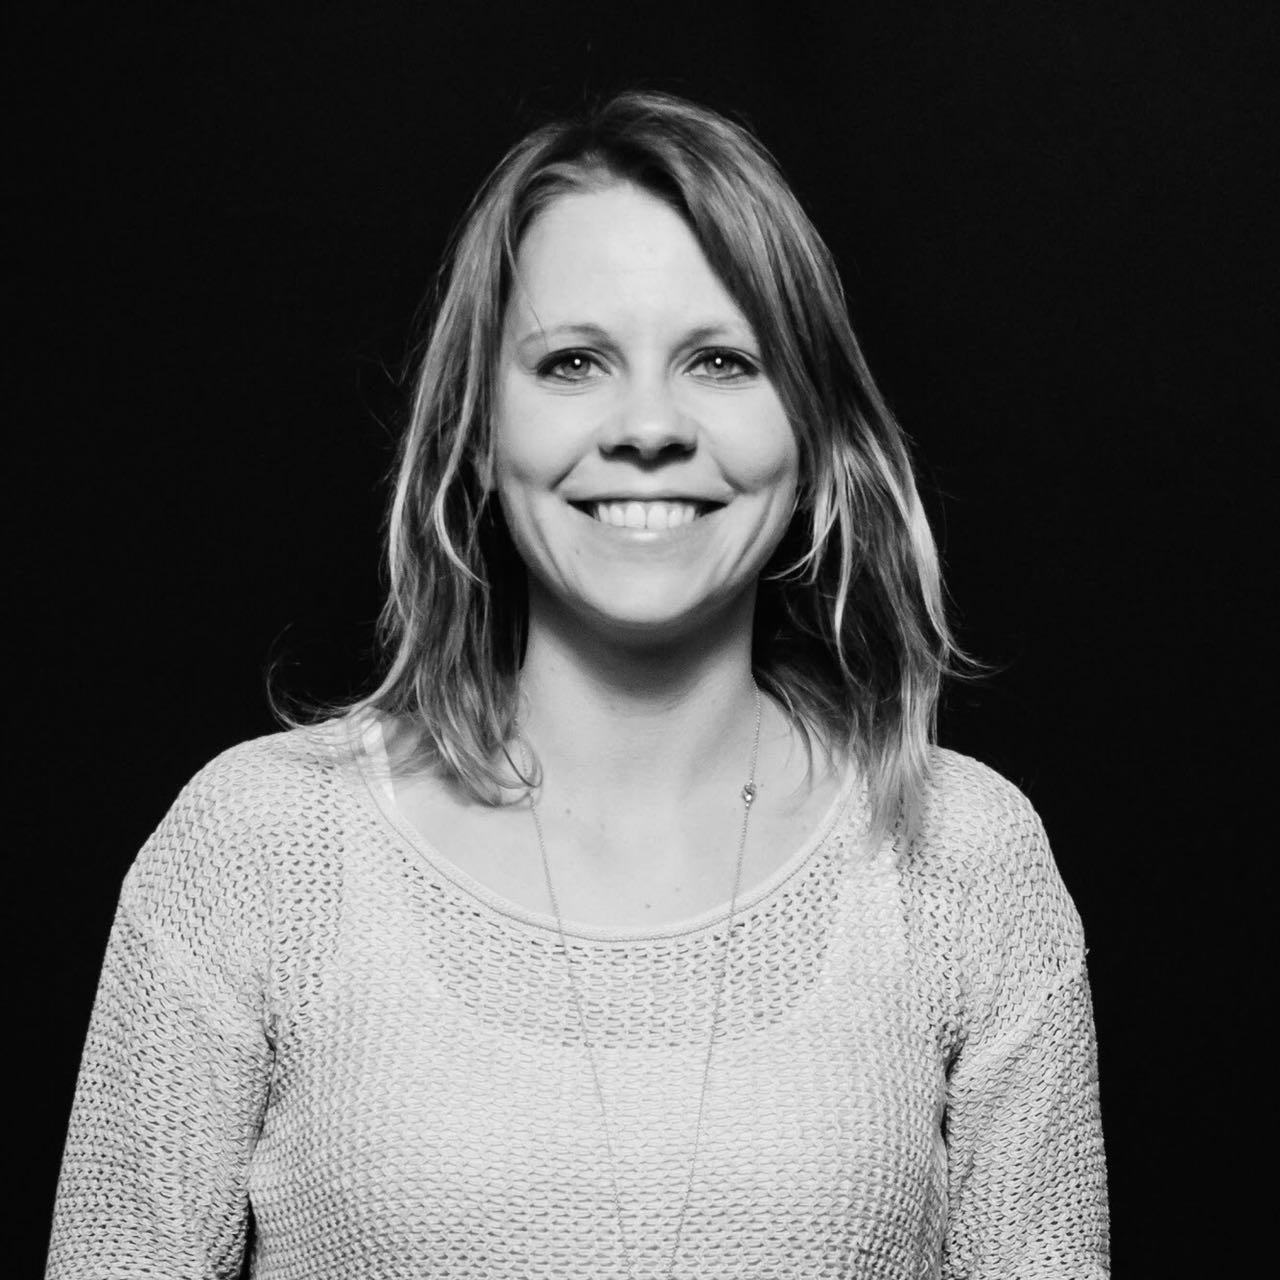 Miriam Biller, 29, promoviert seit Februar 2016 im Bereich Marketing und Innovation an der Universität Mannheim.